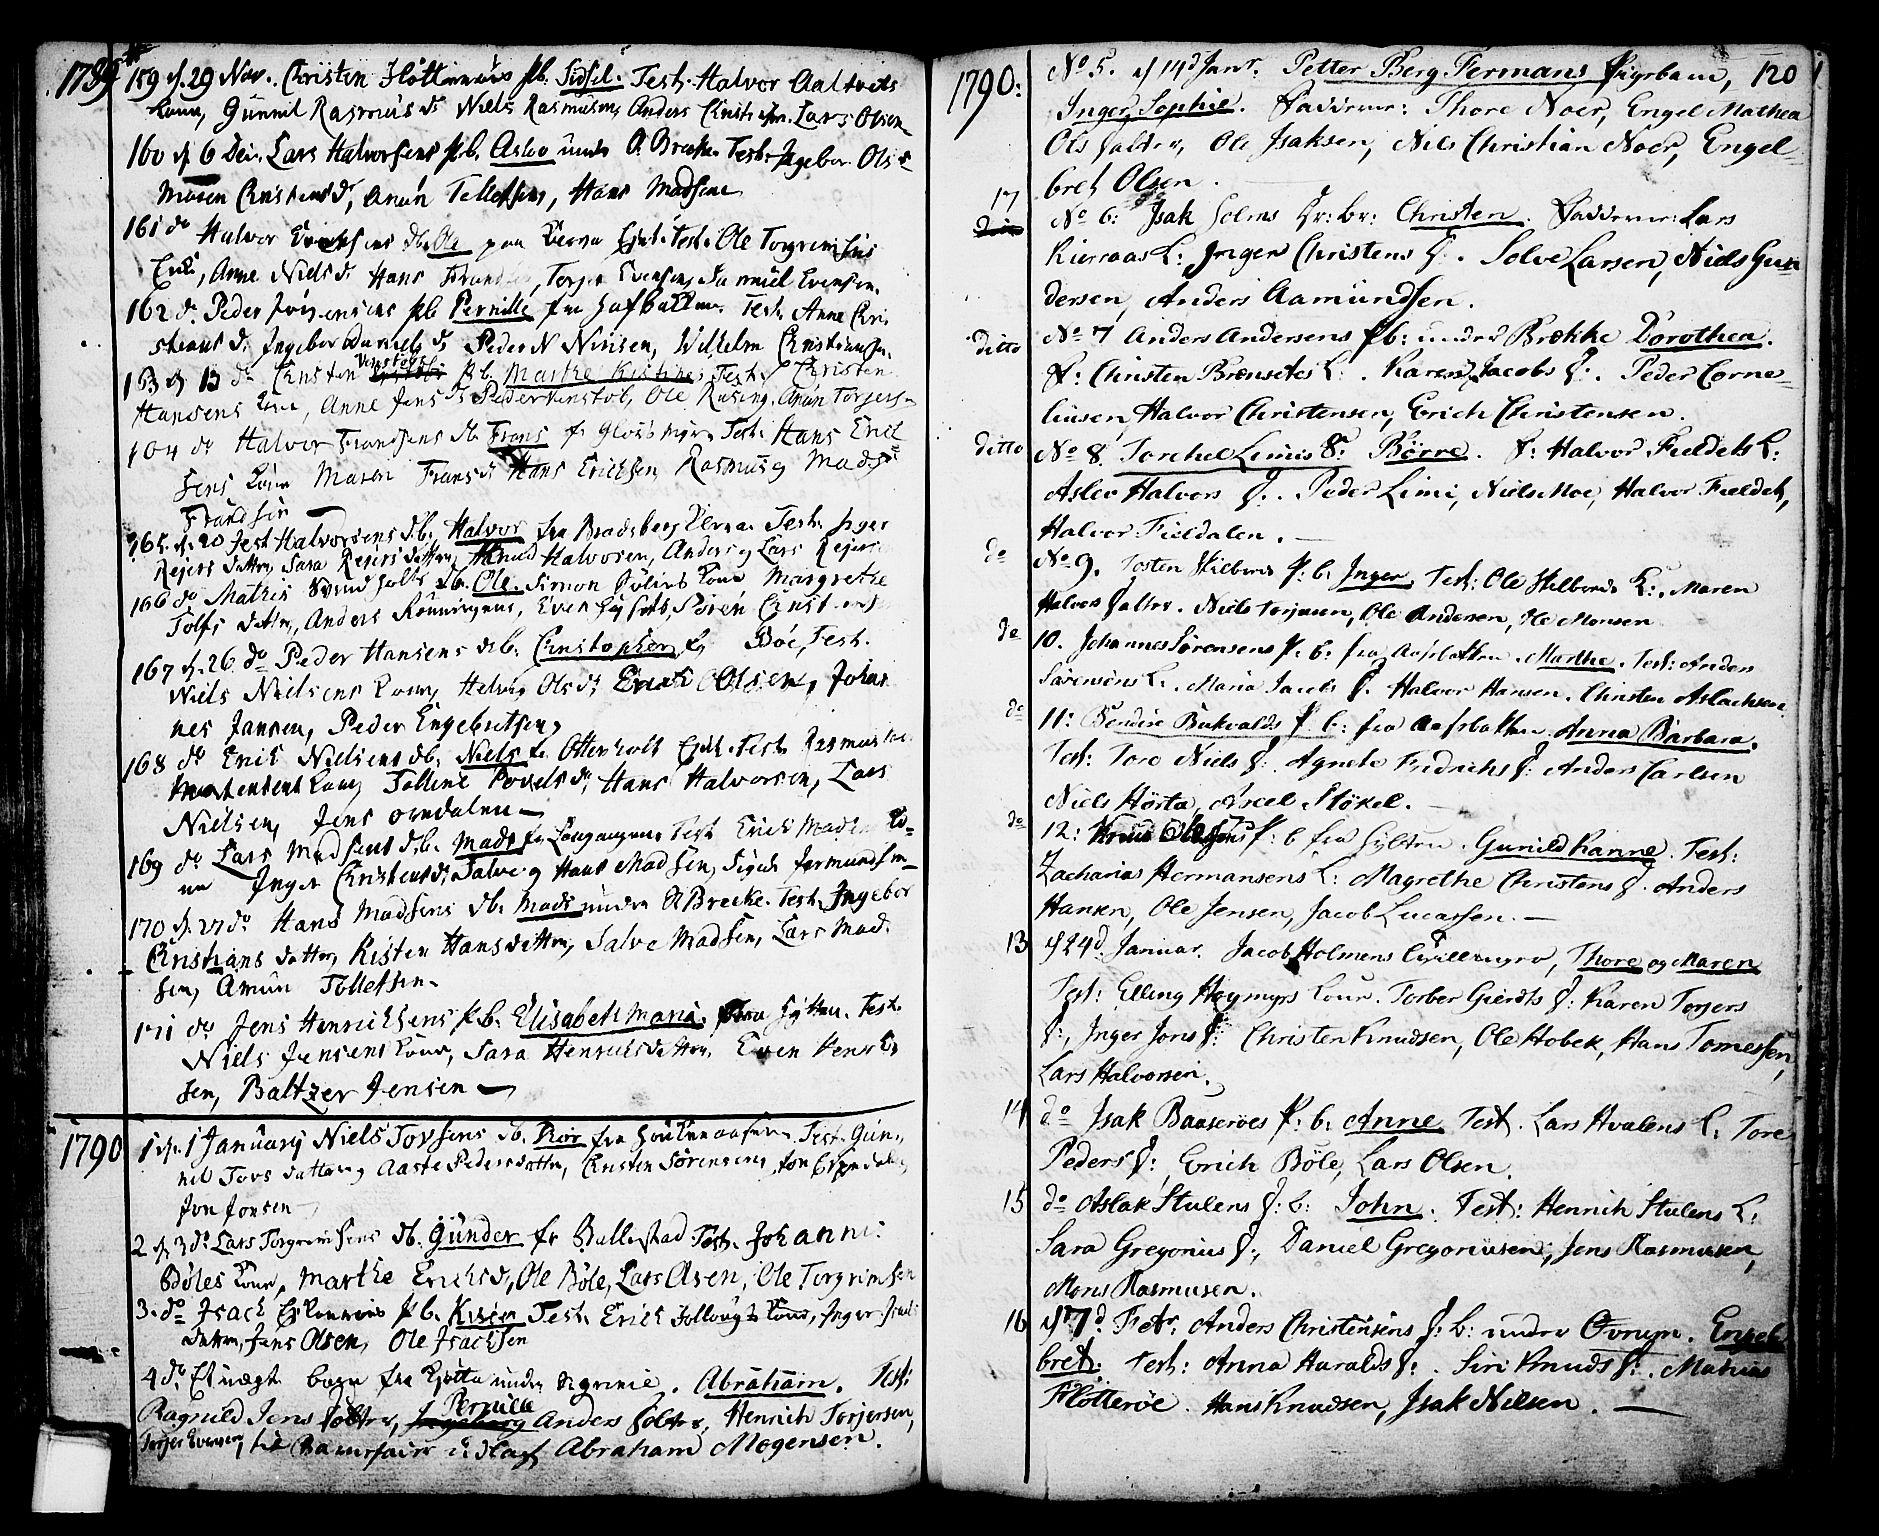 SAKO, Gjerpen kirkebøker, F/Fa/L0002: Ministerialbok nr. 2, 1747-1795, s. 120